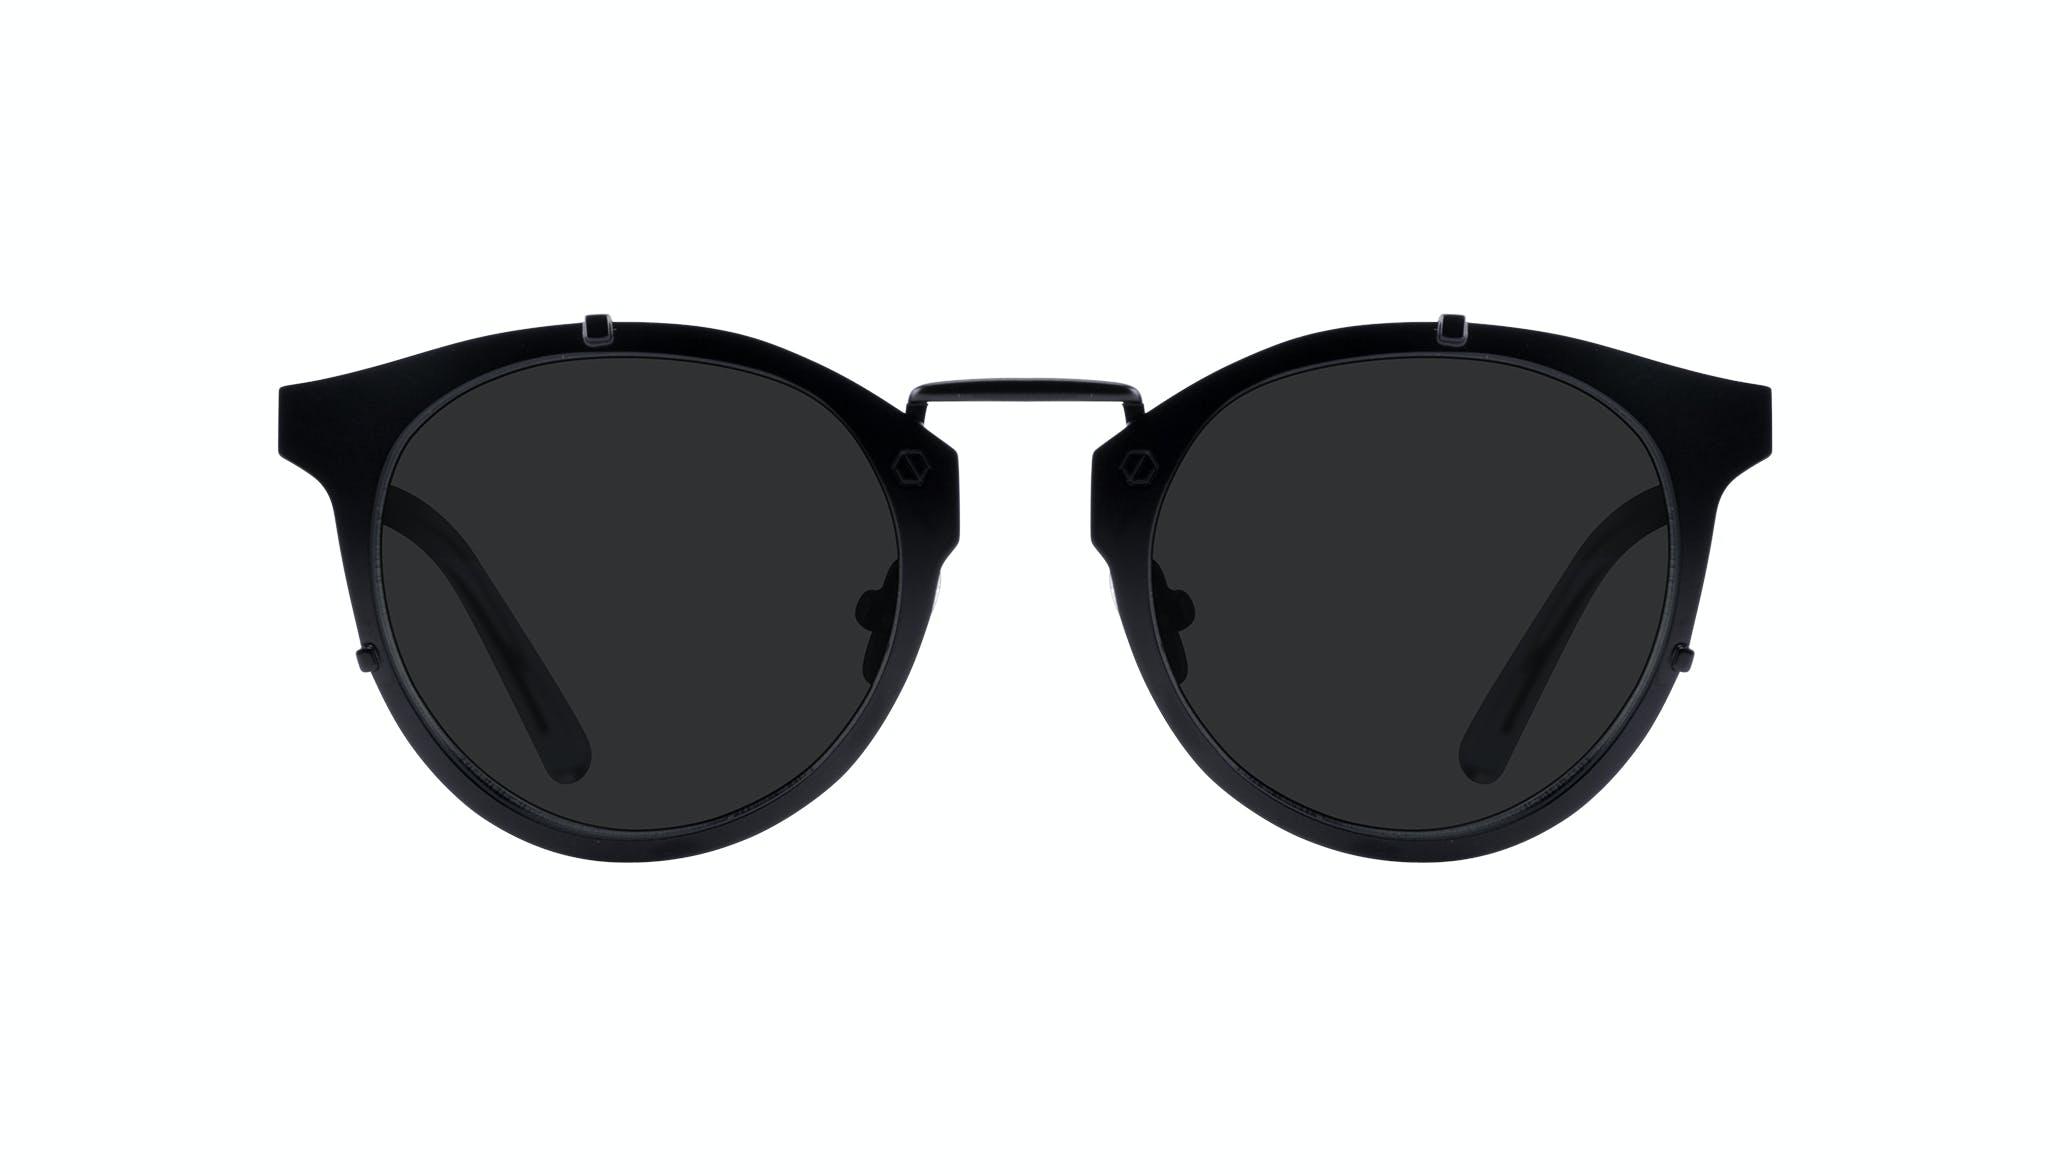 Lunettes tendance Ronde Lunettes de soleil Hommes Way Black